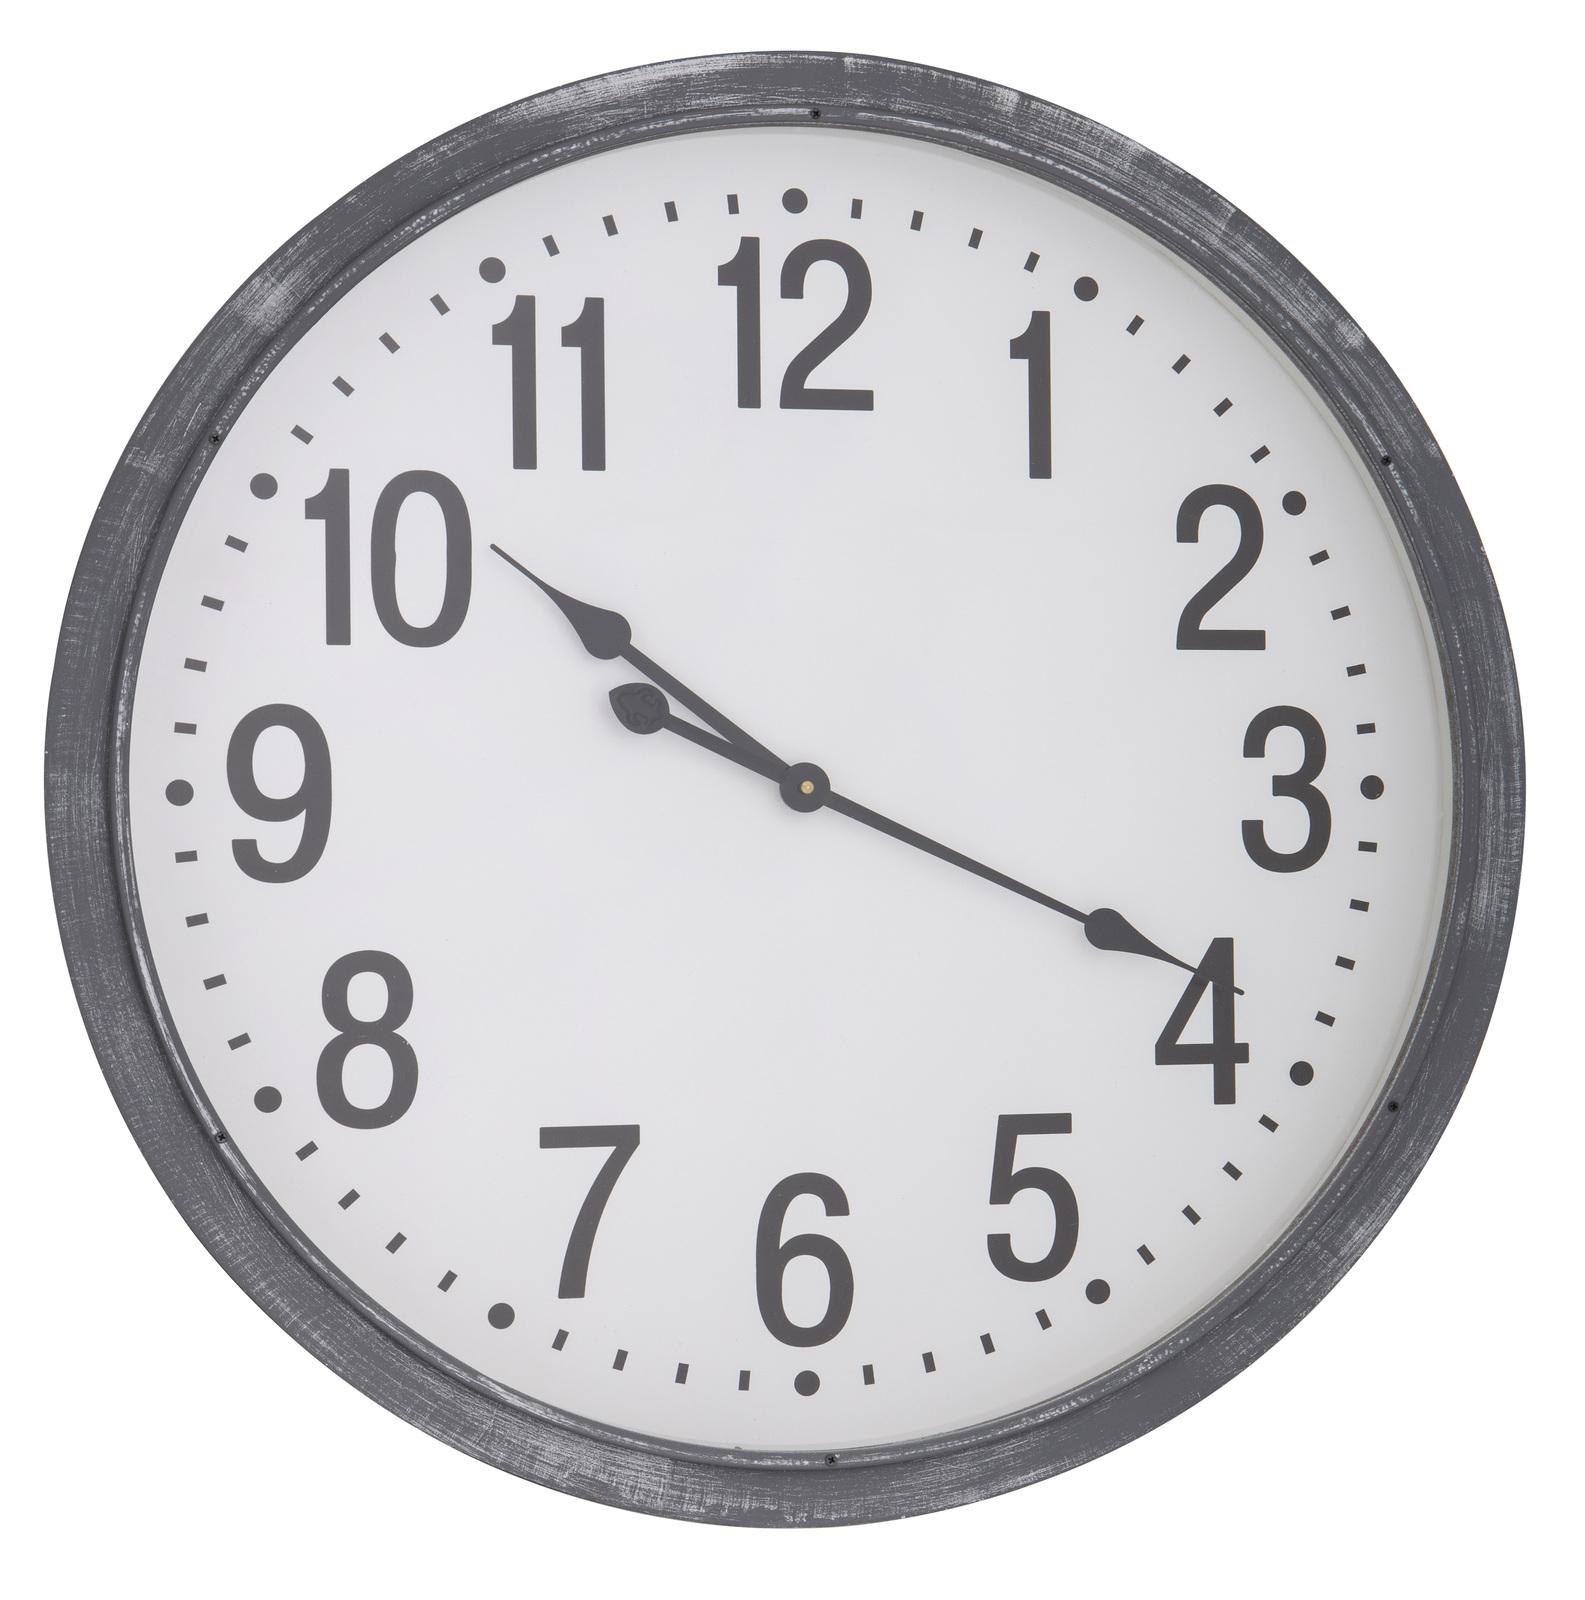 Vignette: Fontaine Wall Clock (67.5x7x67.5cm) image